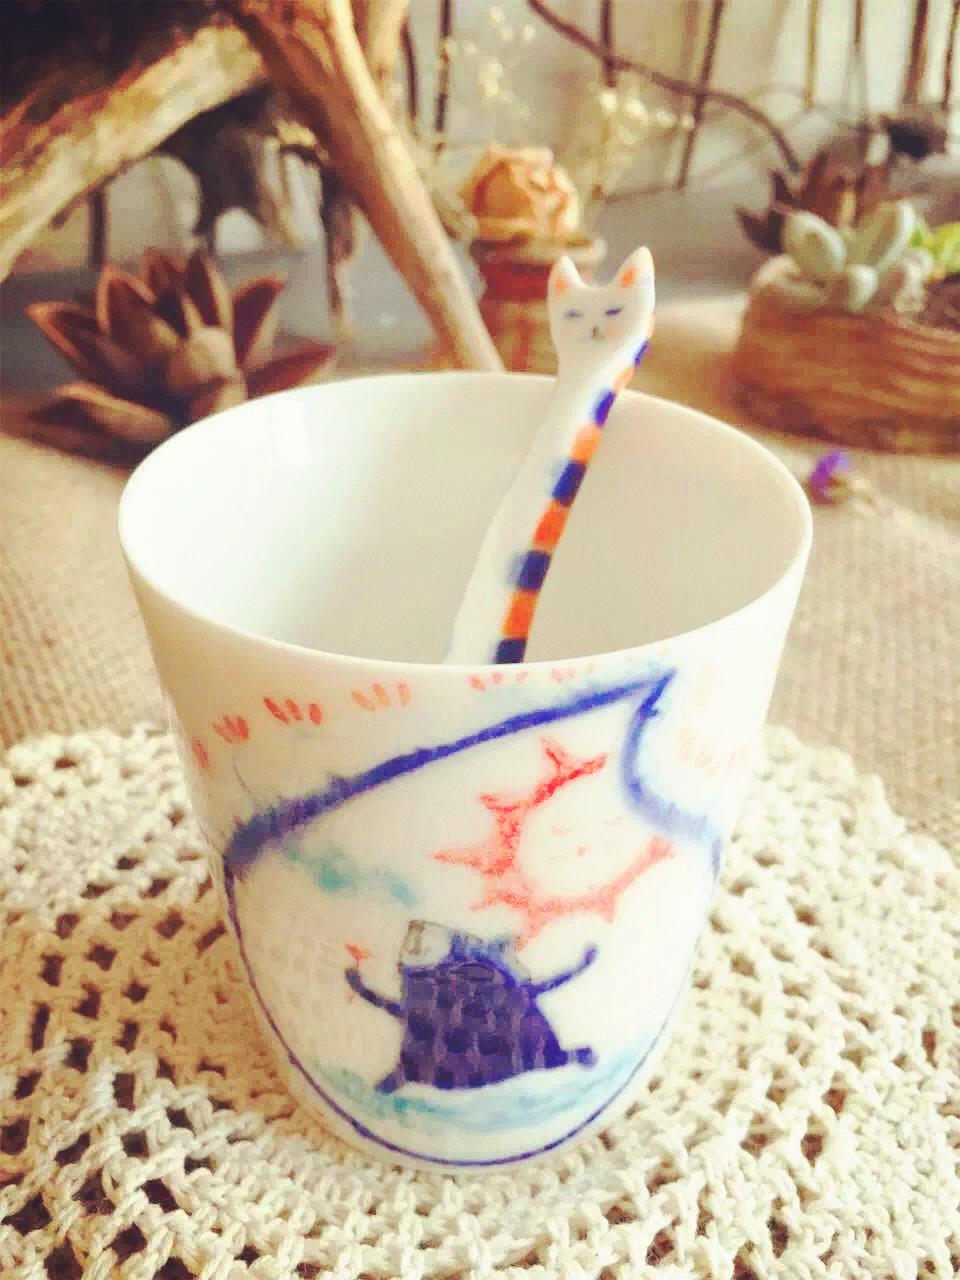 陶泥杯子制作教程步骤